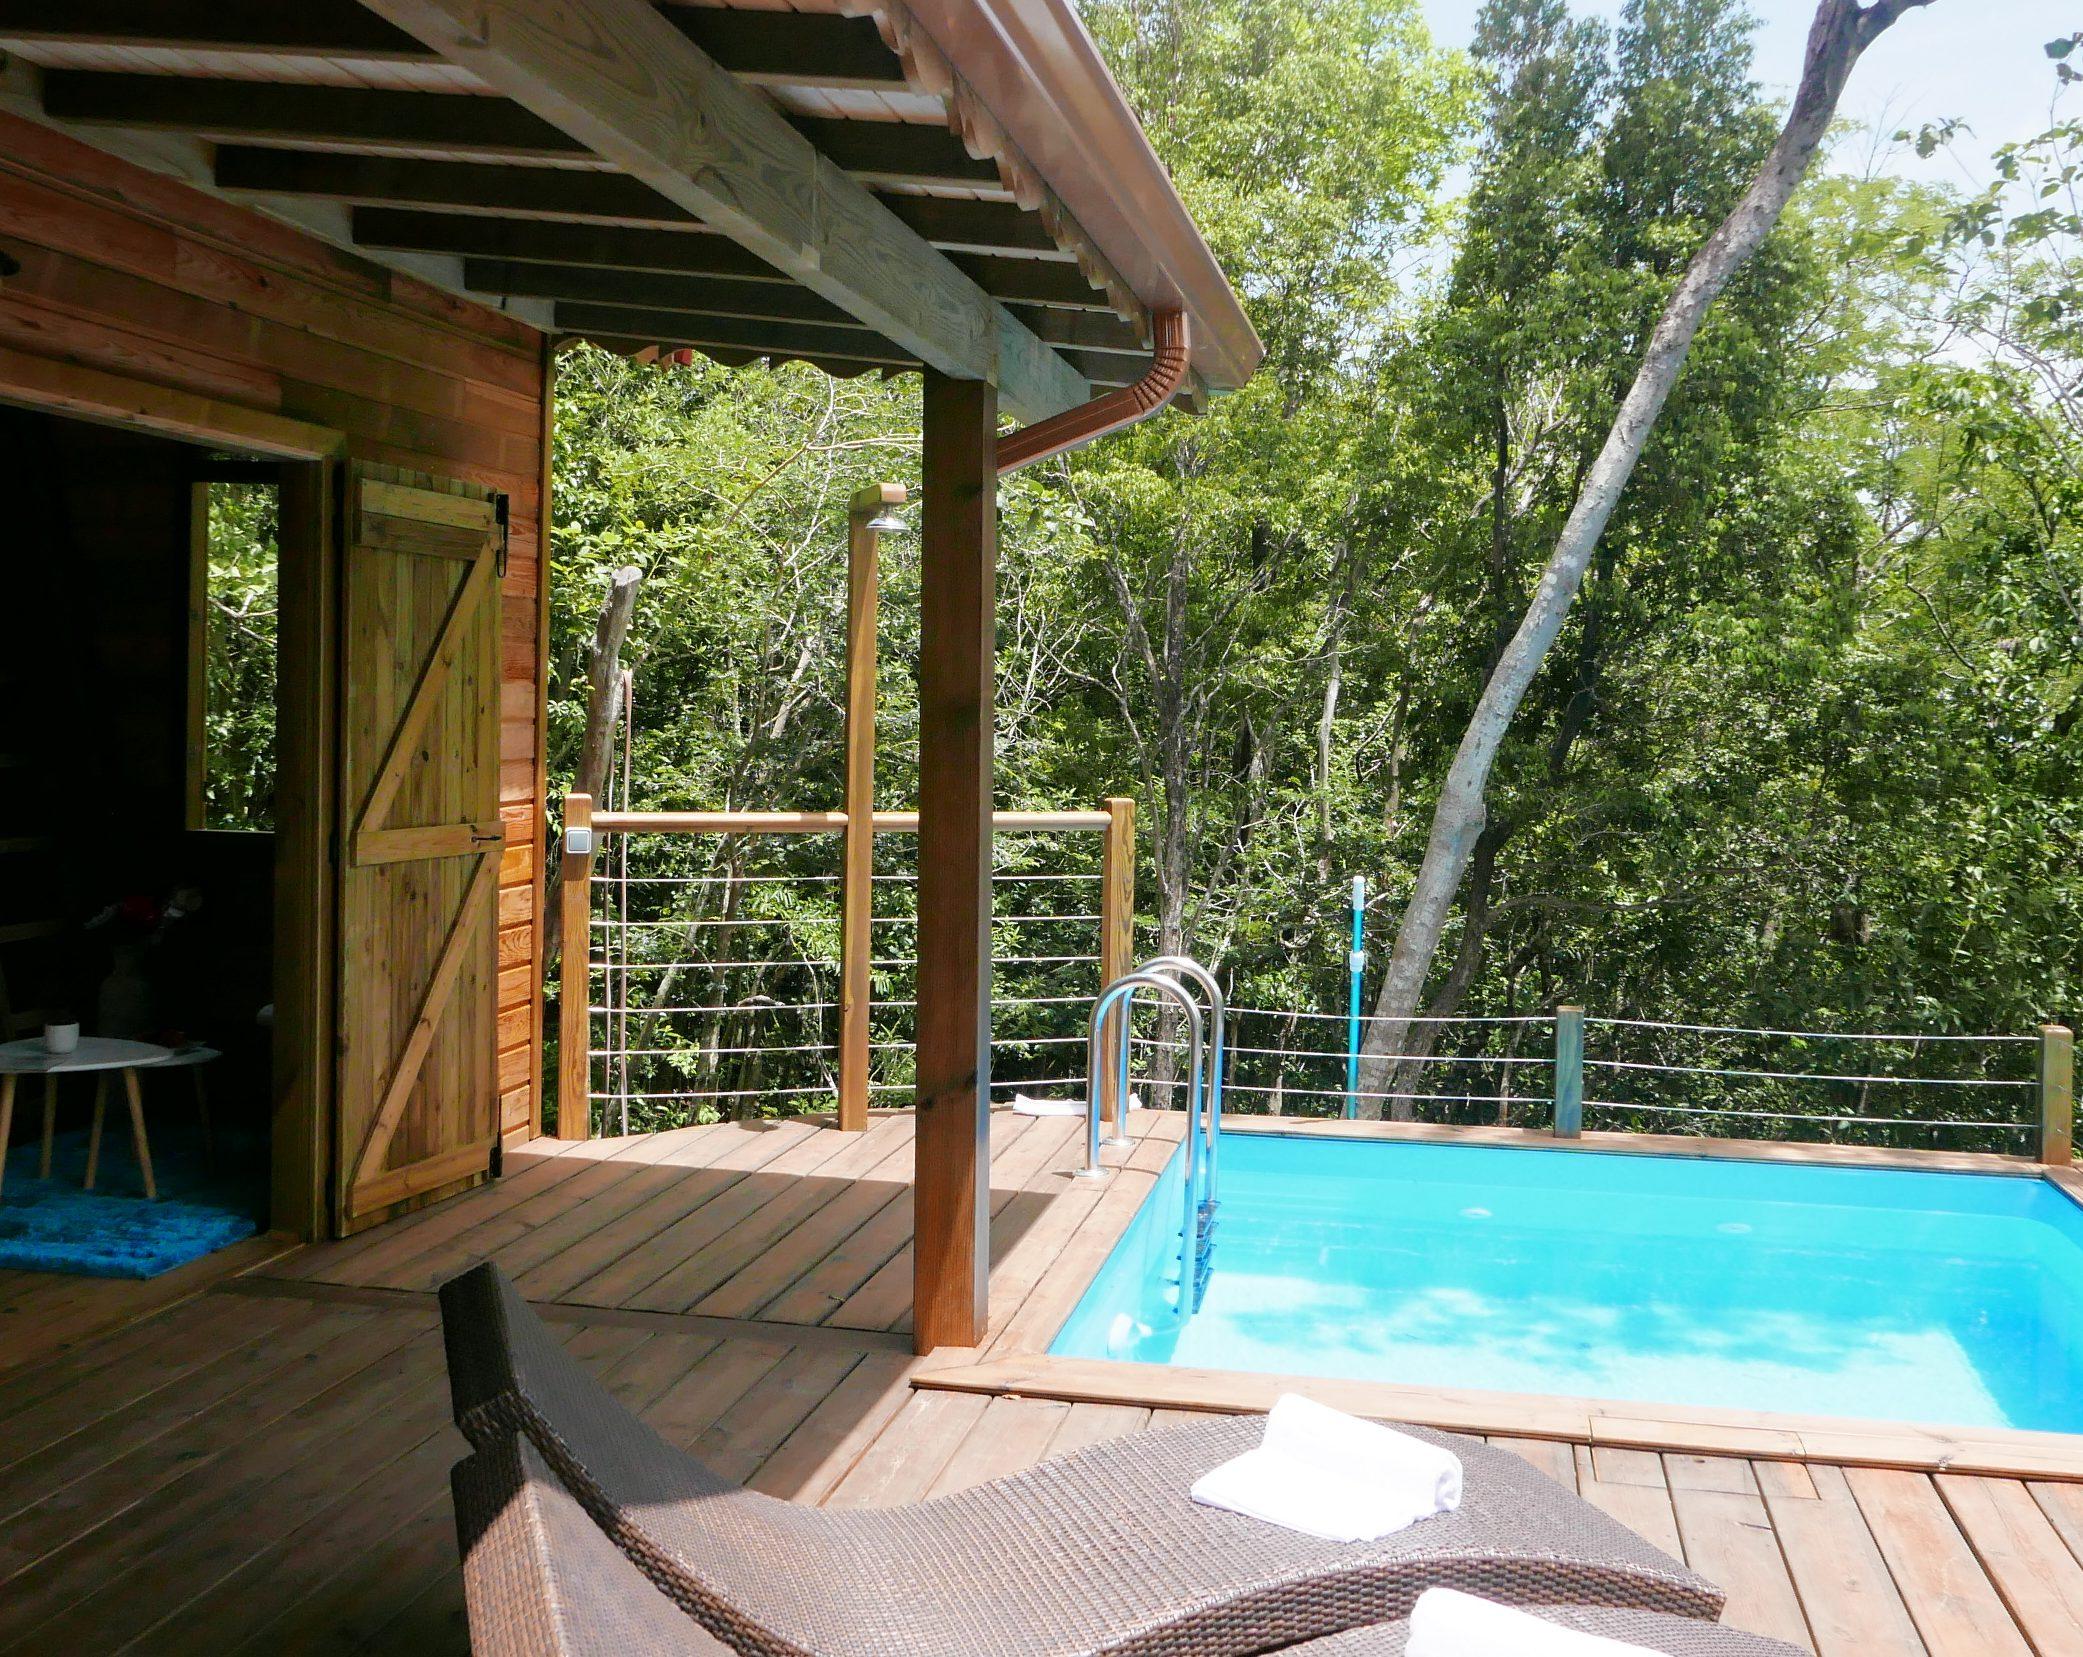 Tendance Eco-Lodge : L'exemple Du Jardin Des Colibris En ... à Au Jardin Des Colibris